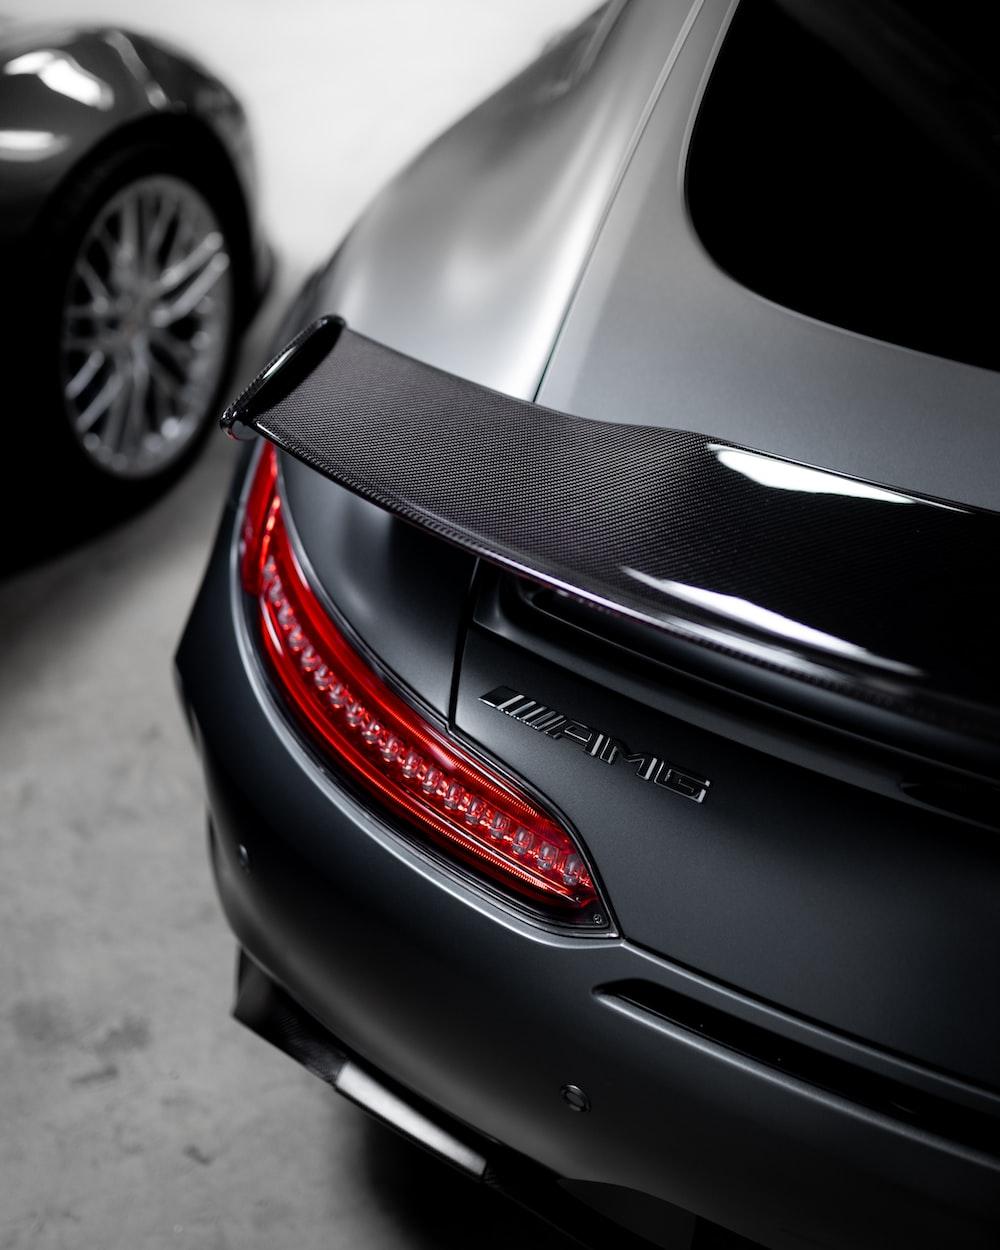 black car with open door